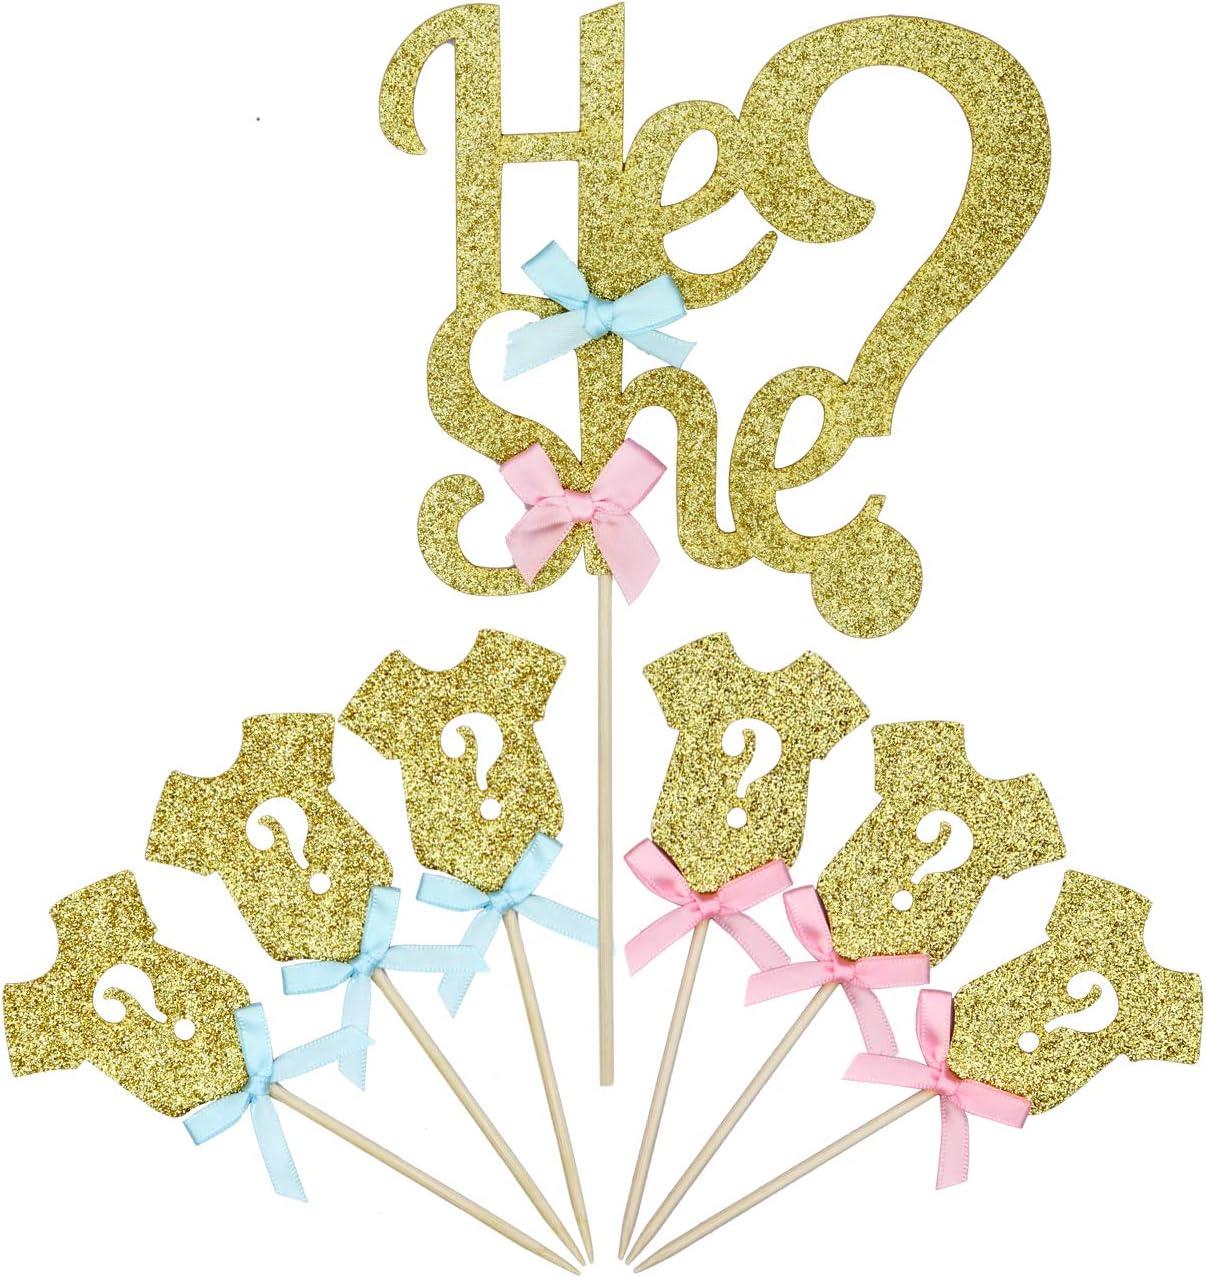 1he or she und 24 Baby Kleidung Cupcake Toppers LIDAGO 25 St/ück Glitzer Gender Reveal Cupcake Topper f/ür Jungen oder M/ädchen Baby Party Kuchen Lebensmittel Dekoration Supplies